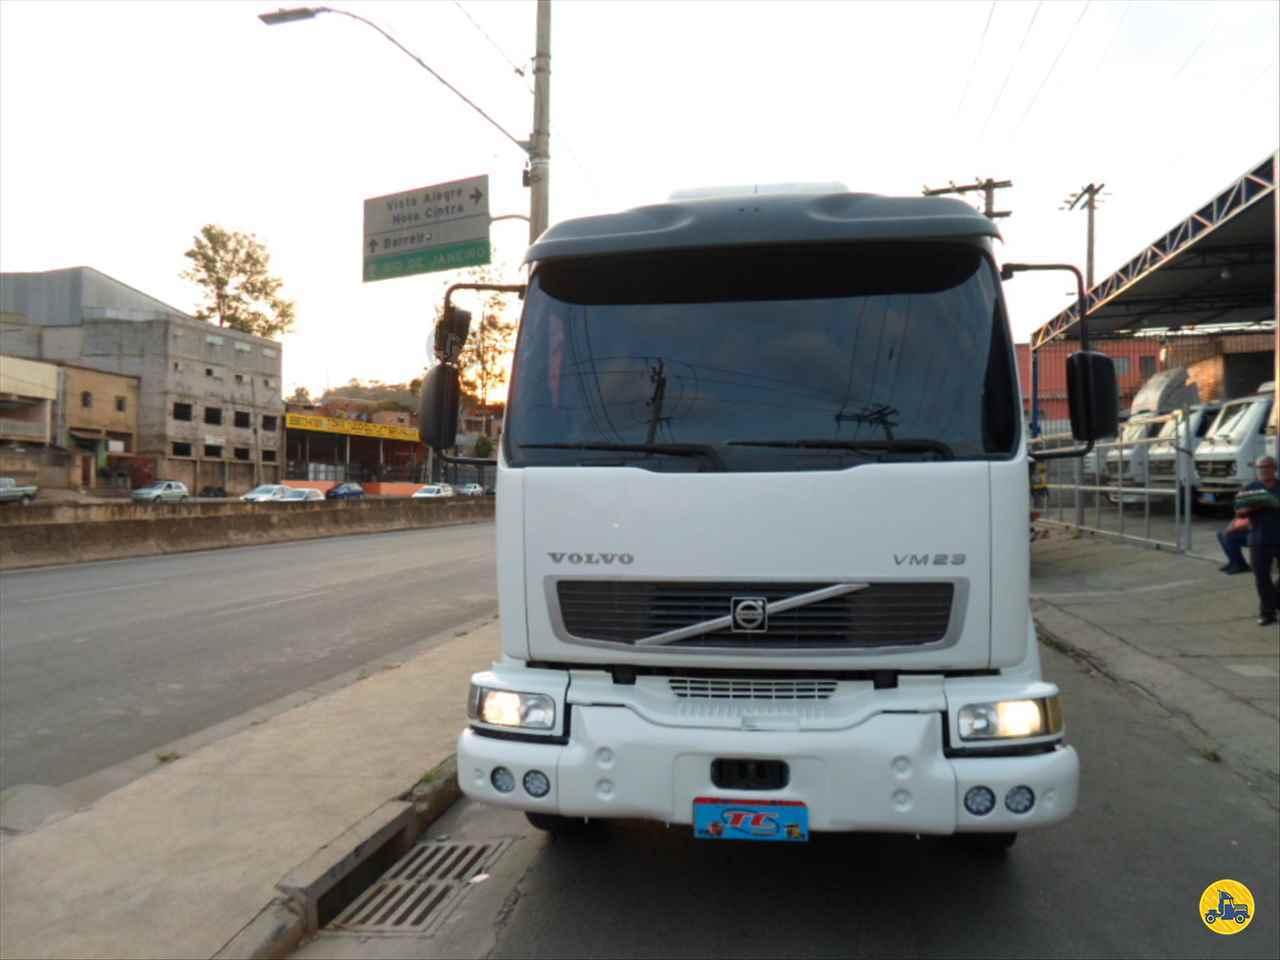 CAMINHAO VOLVO VOLVO VM23 240 Carga Seca 3/4 4x2 TC Caminhões  BELO HORIZONTE MINAS GERAIS MG